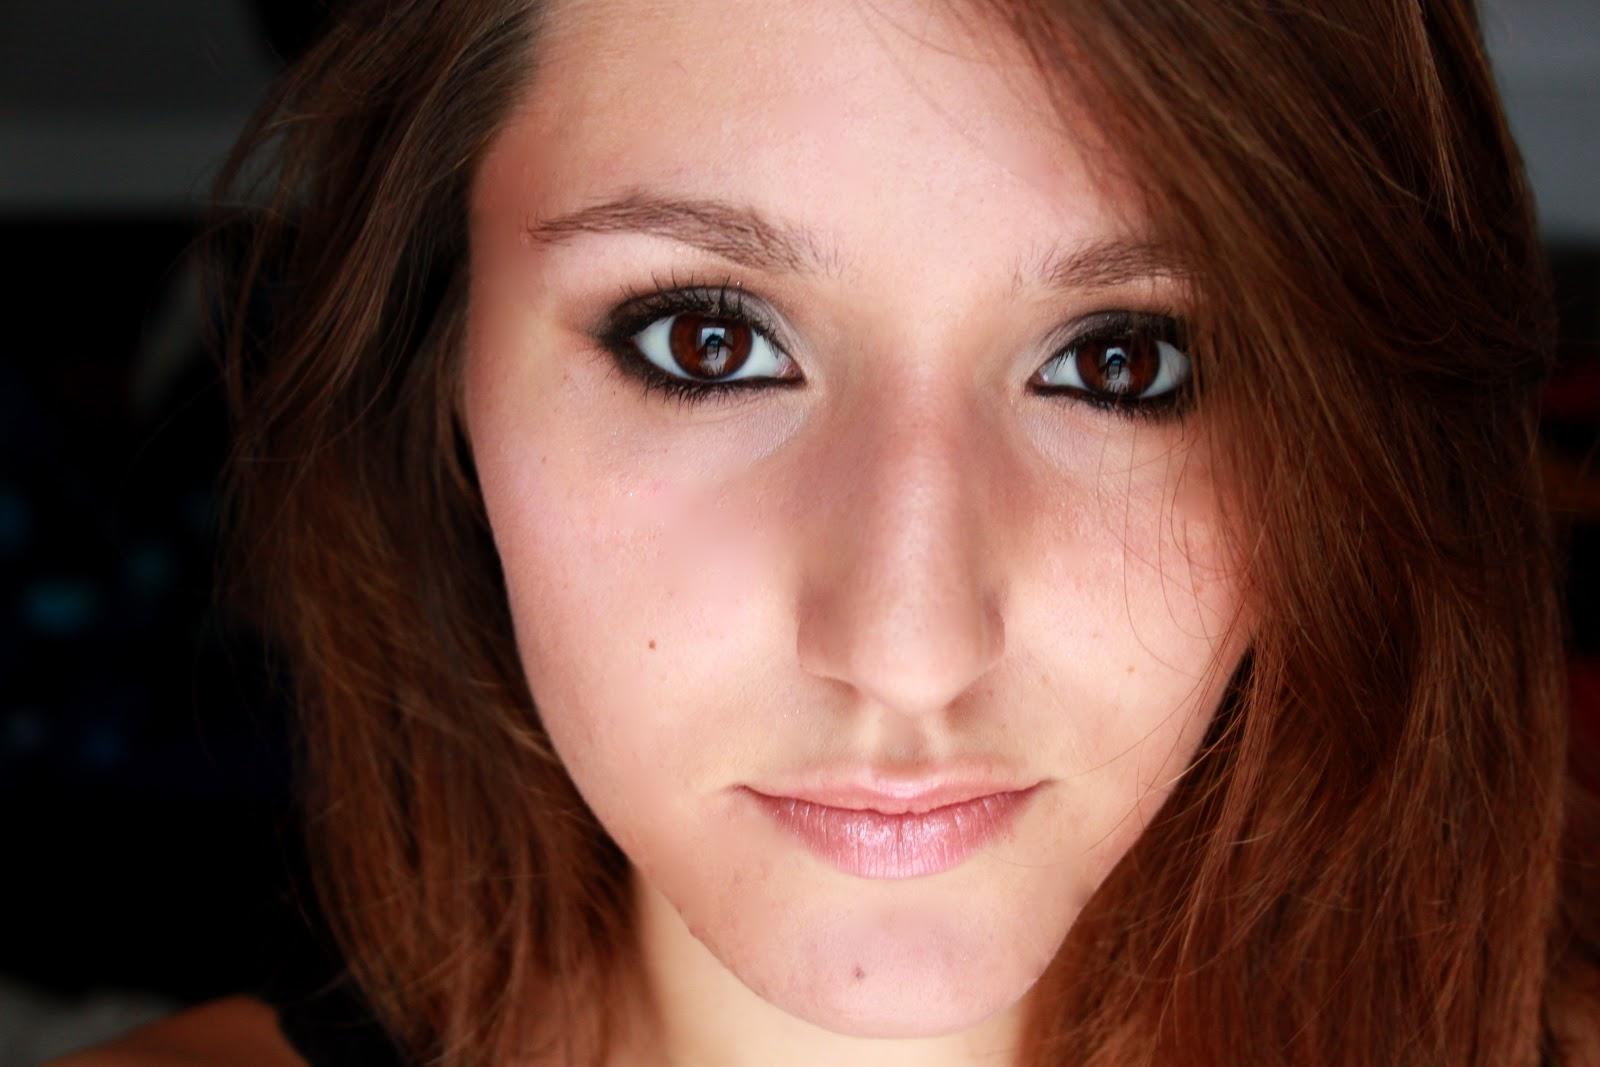 Super Les brunes aux yeux marrons sont sexys - Urban Lipstick NI53